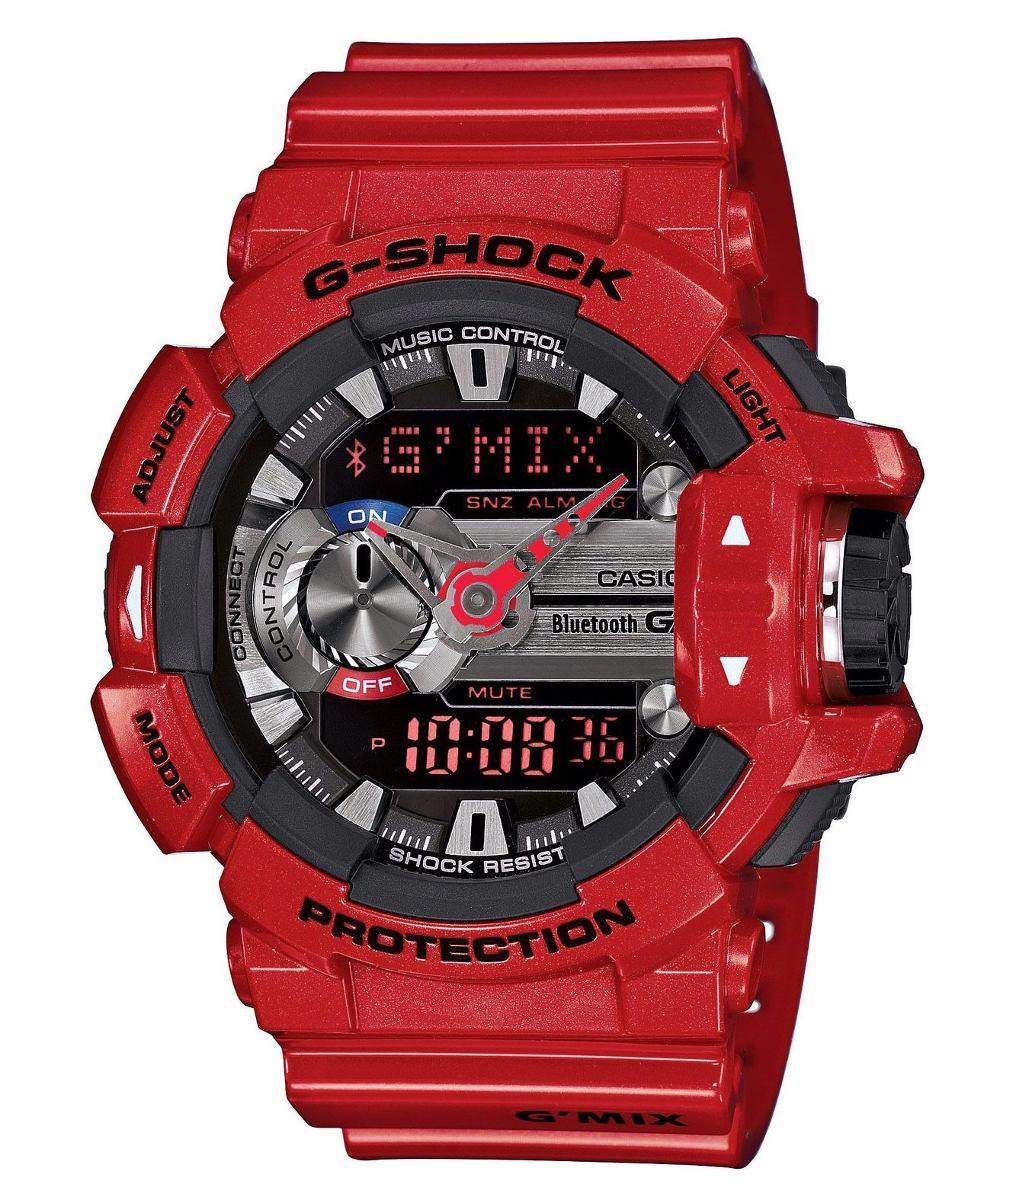 278a7eff23bd reloj casio g shock gba 400 4a bluetooth sumergible 200mts. Cargando zoom.